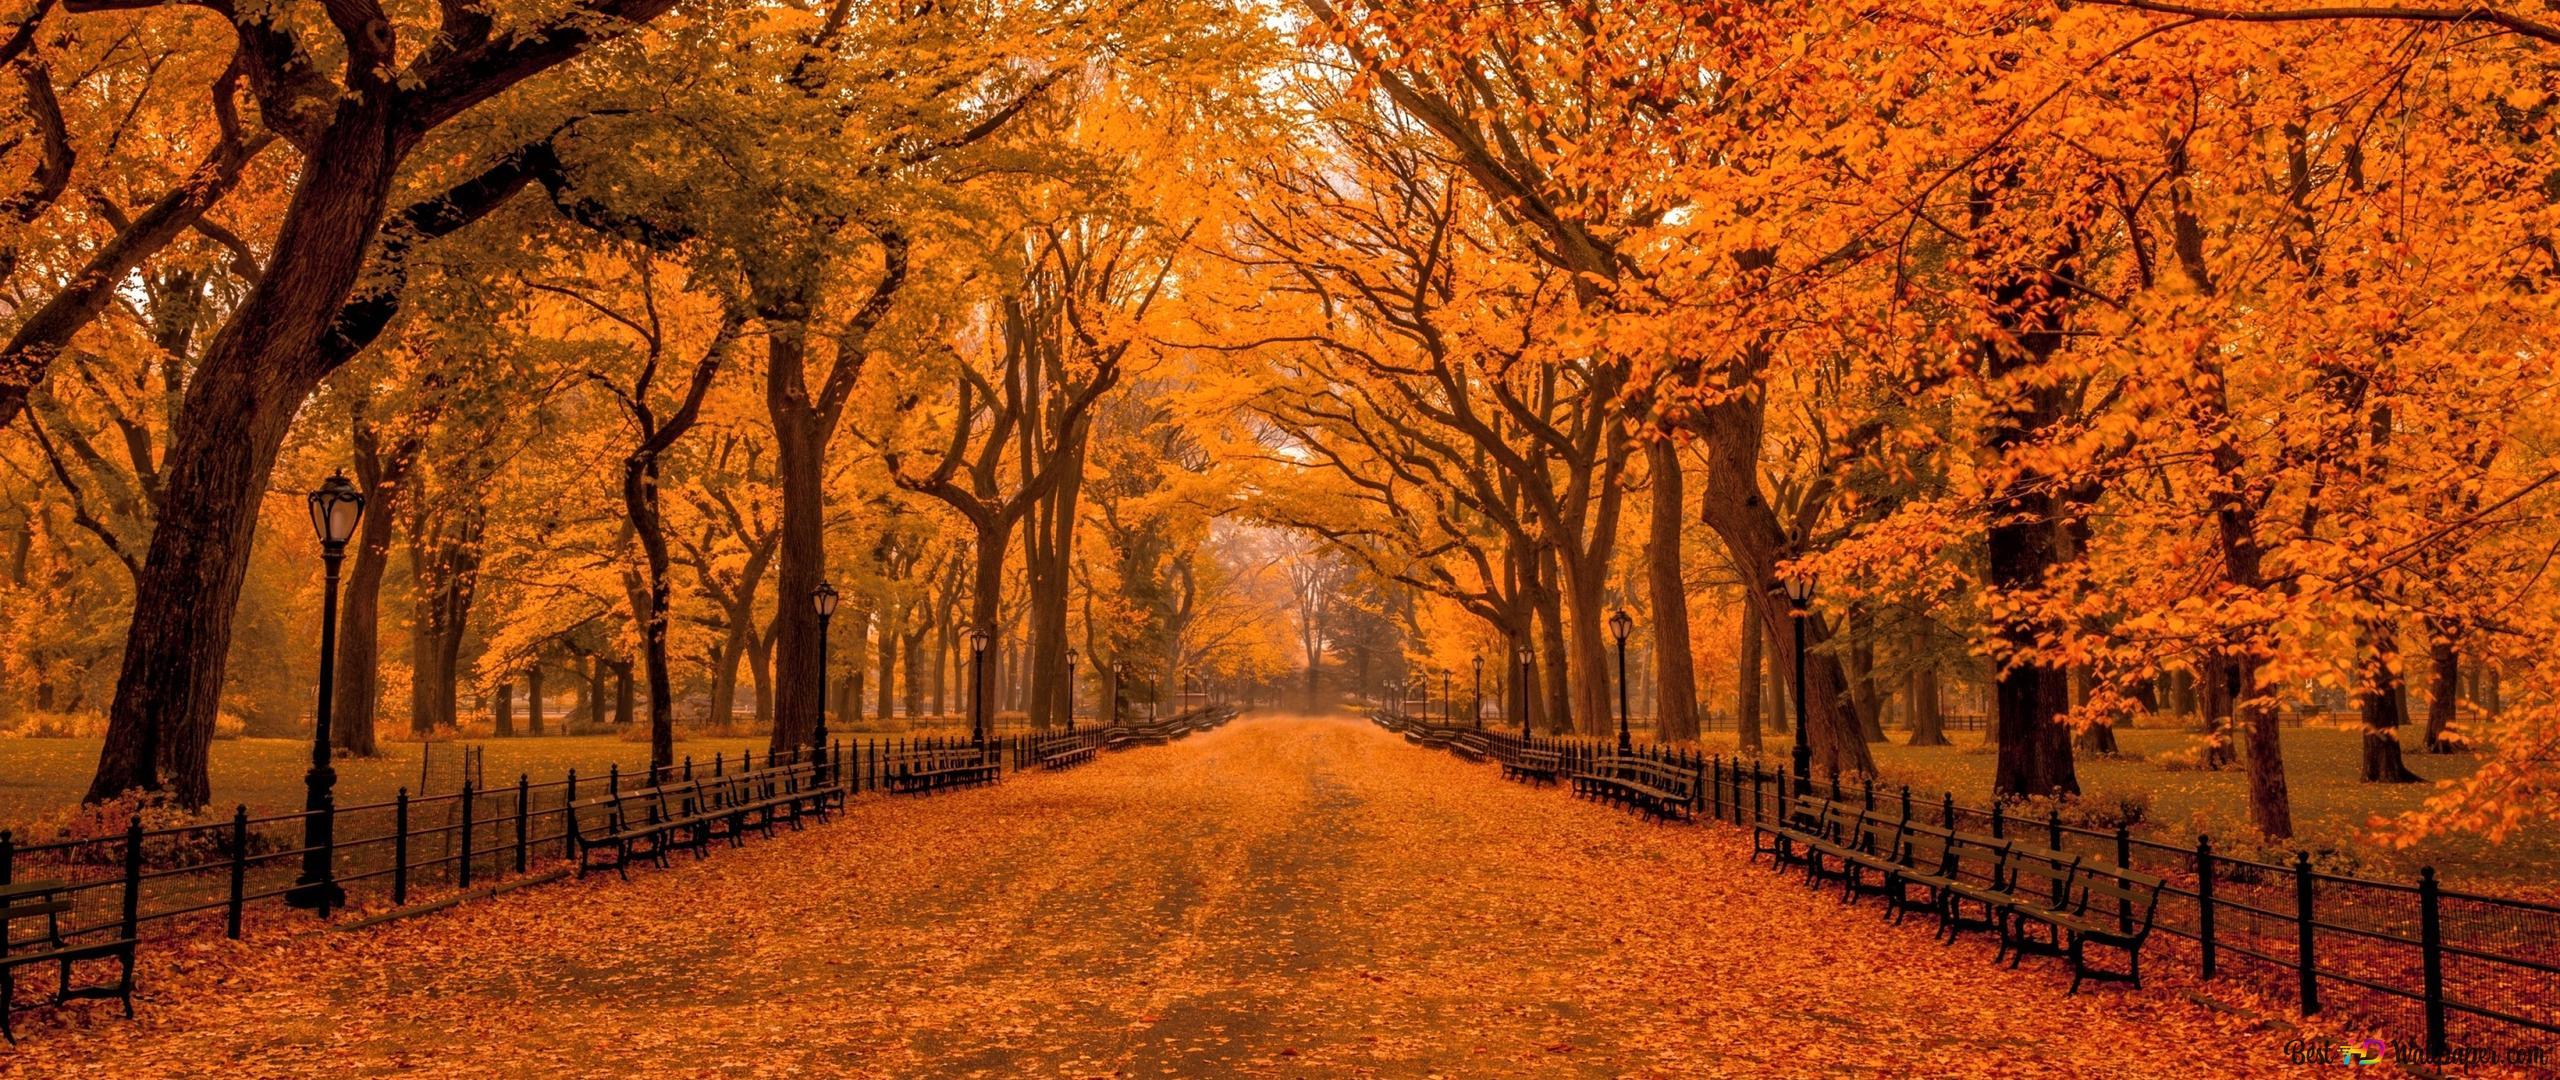 セントラルパークで秋 Hd壁紙のダウンロード